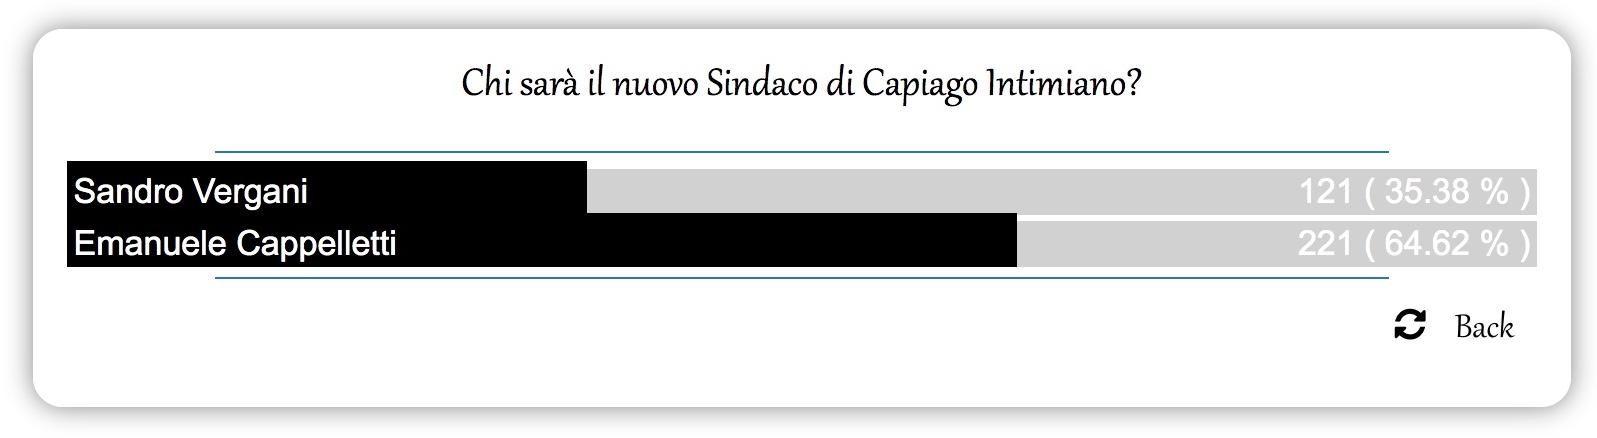 Toto Sindaco Capiago Intimiano 2019: risultati